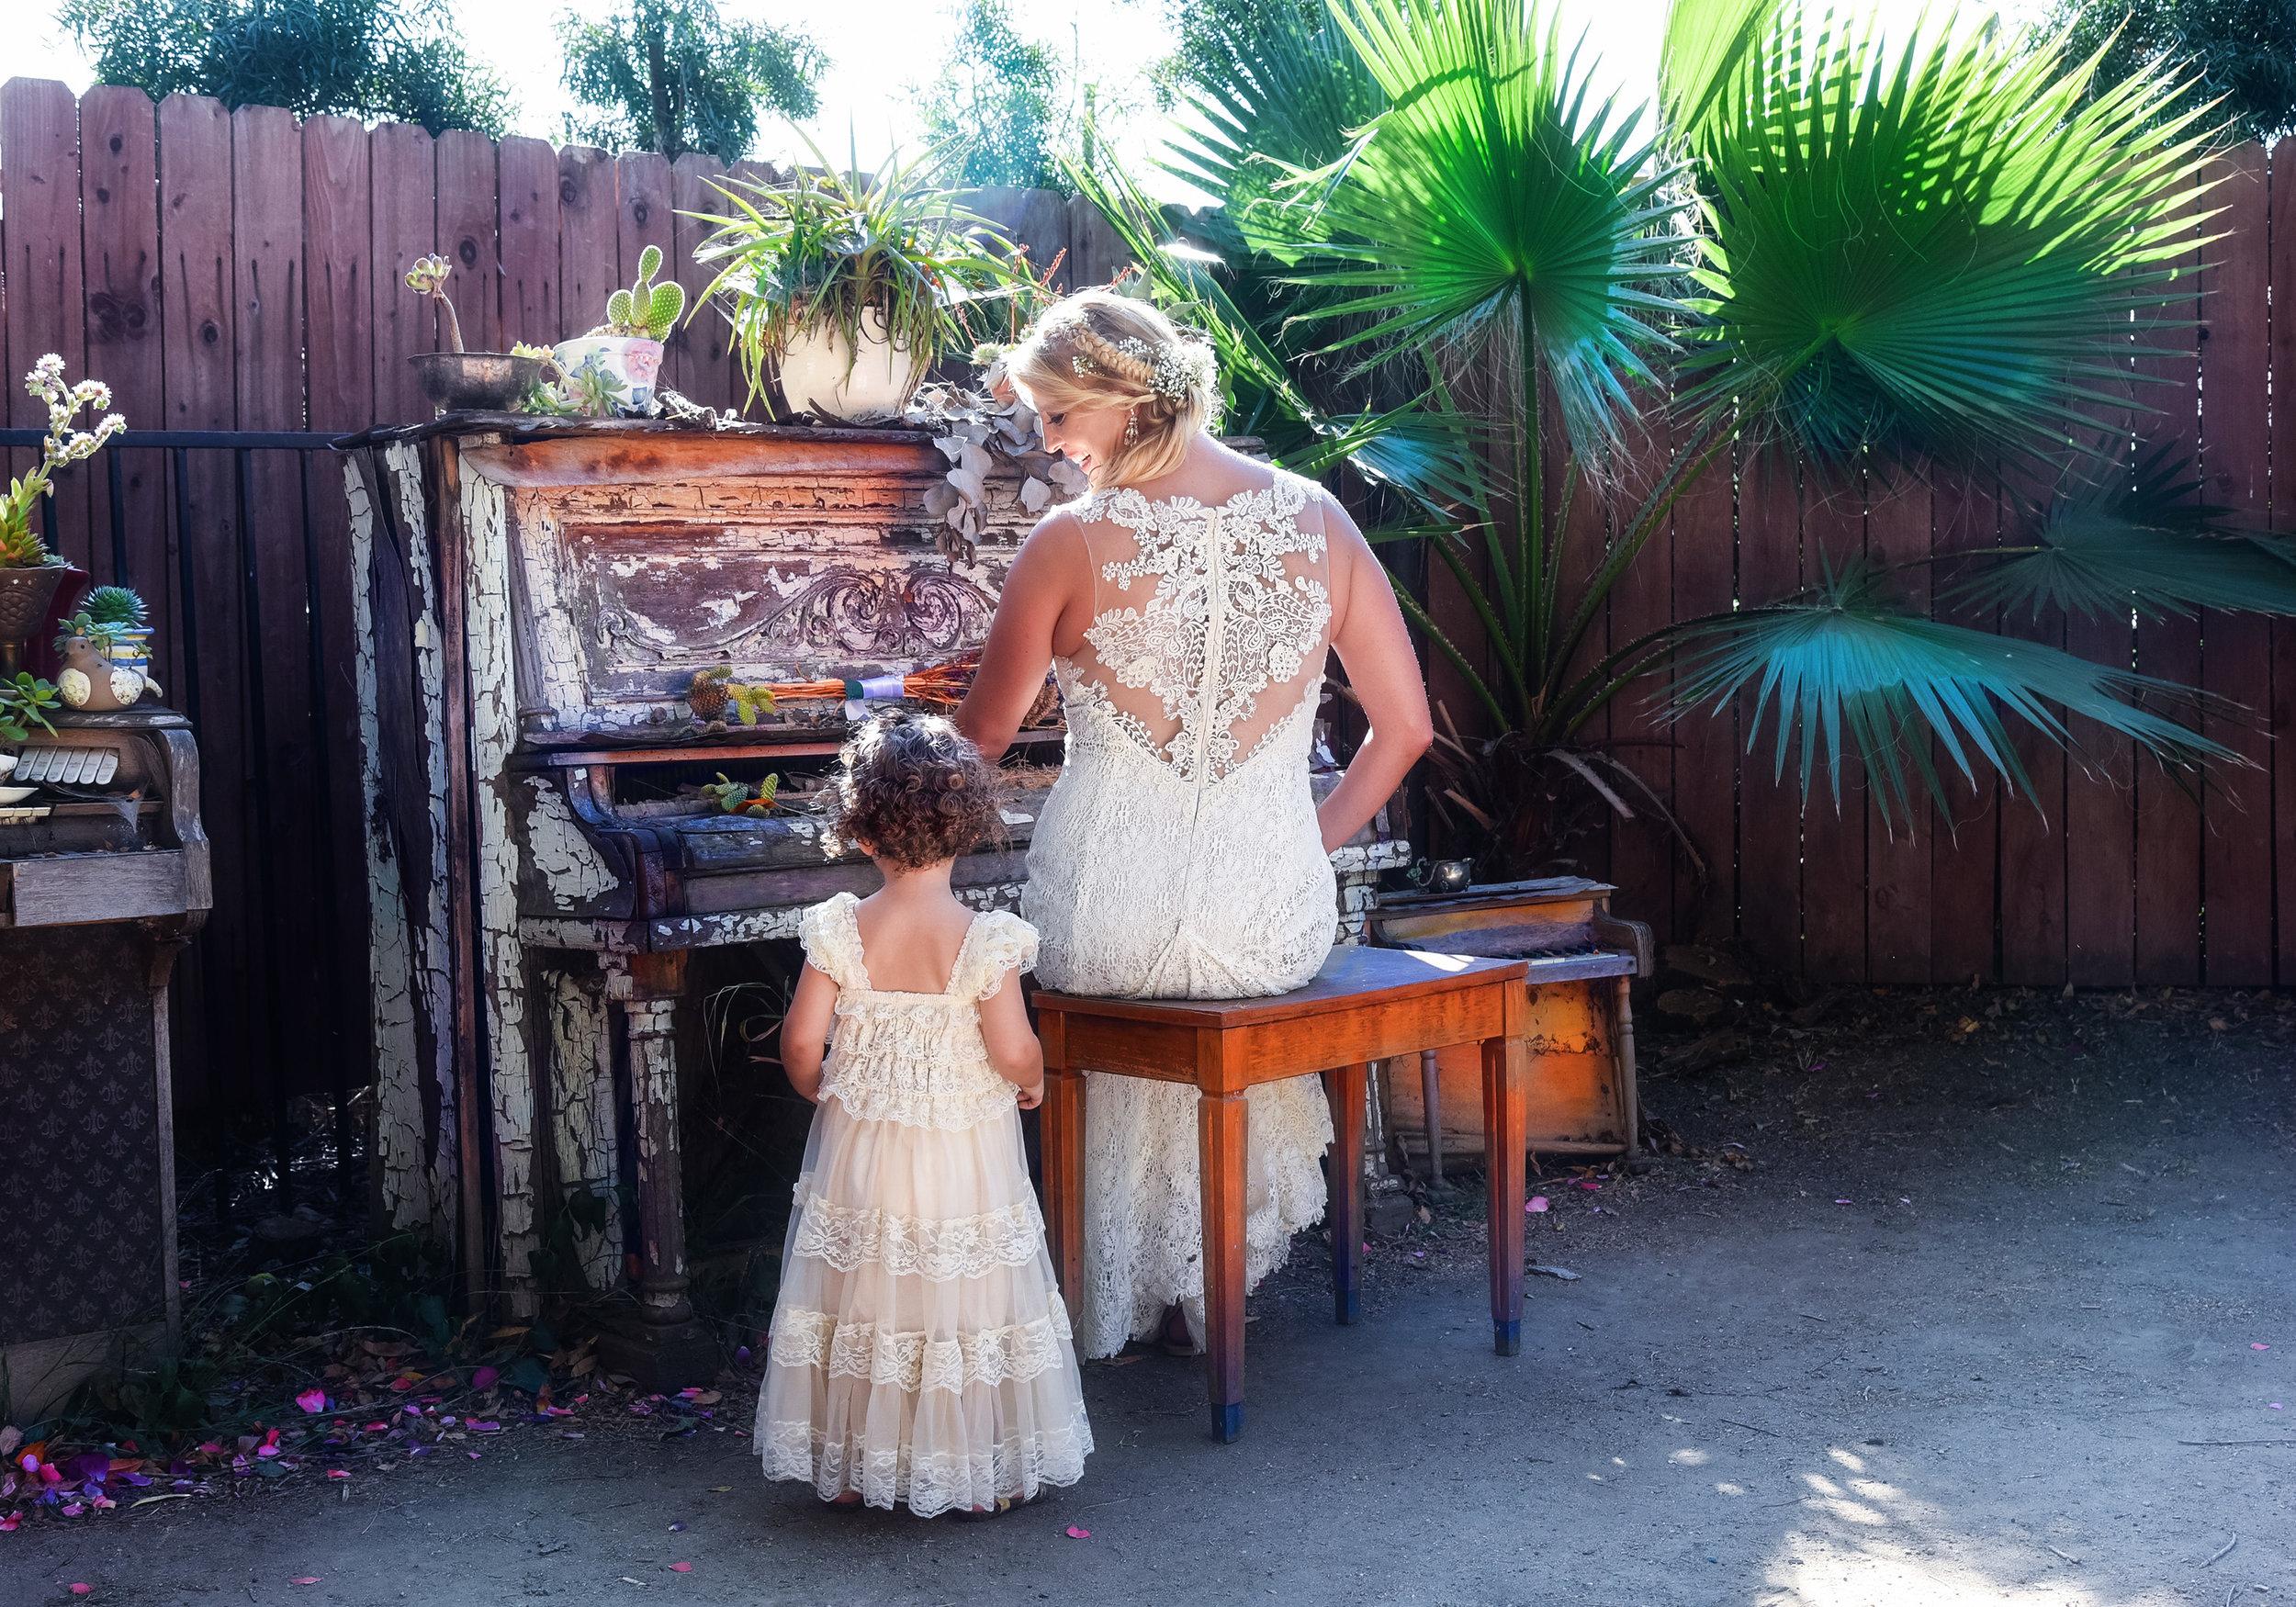 Bride and Flower Girl | Washington DC Photographer | Lifestyle & Fashion Photographer